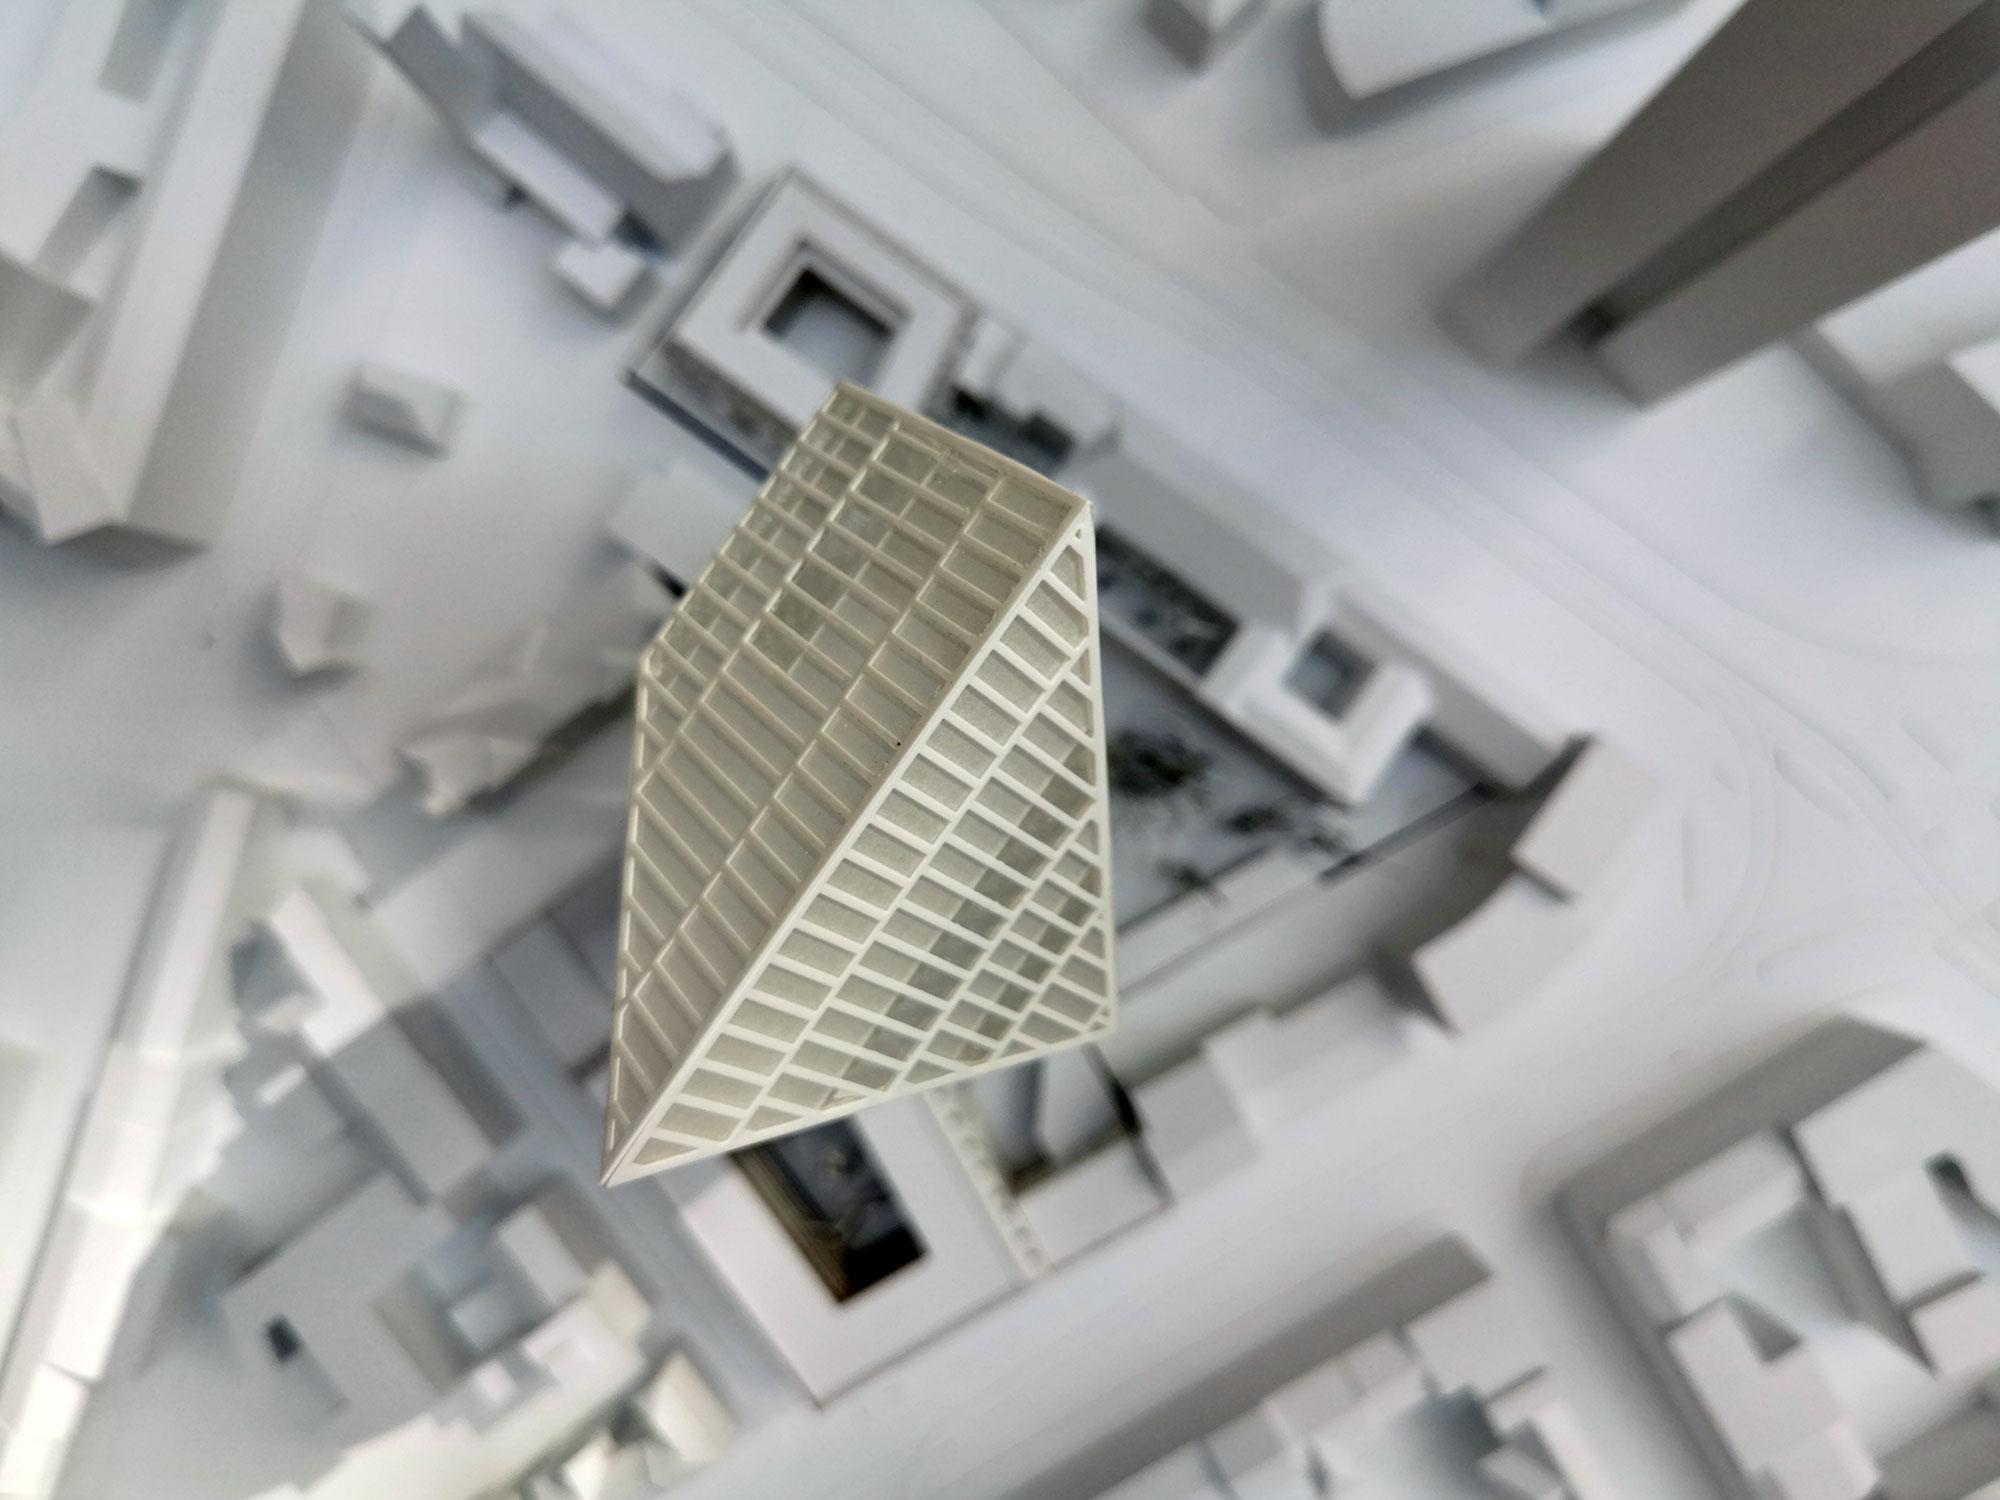 Das Hochhausmodell vom neuen Hochhaus auf dem Gelände des ehemaligen Polizeipräsidiums in Frankfurt am Main - Projektentwickler Gerchgroup aus Düsseldorf